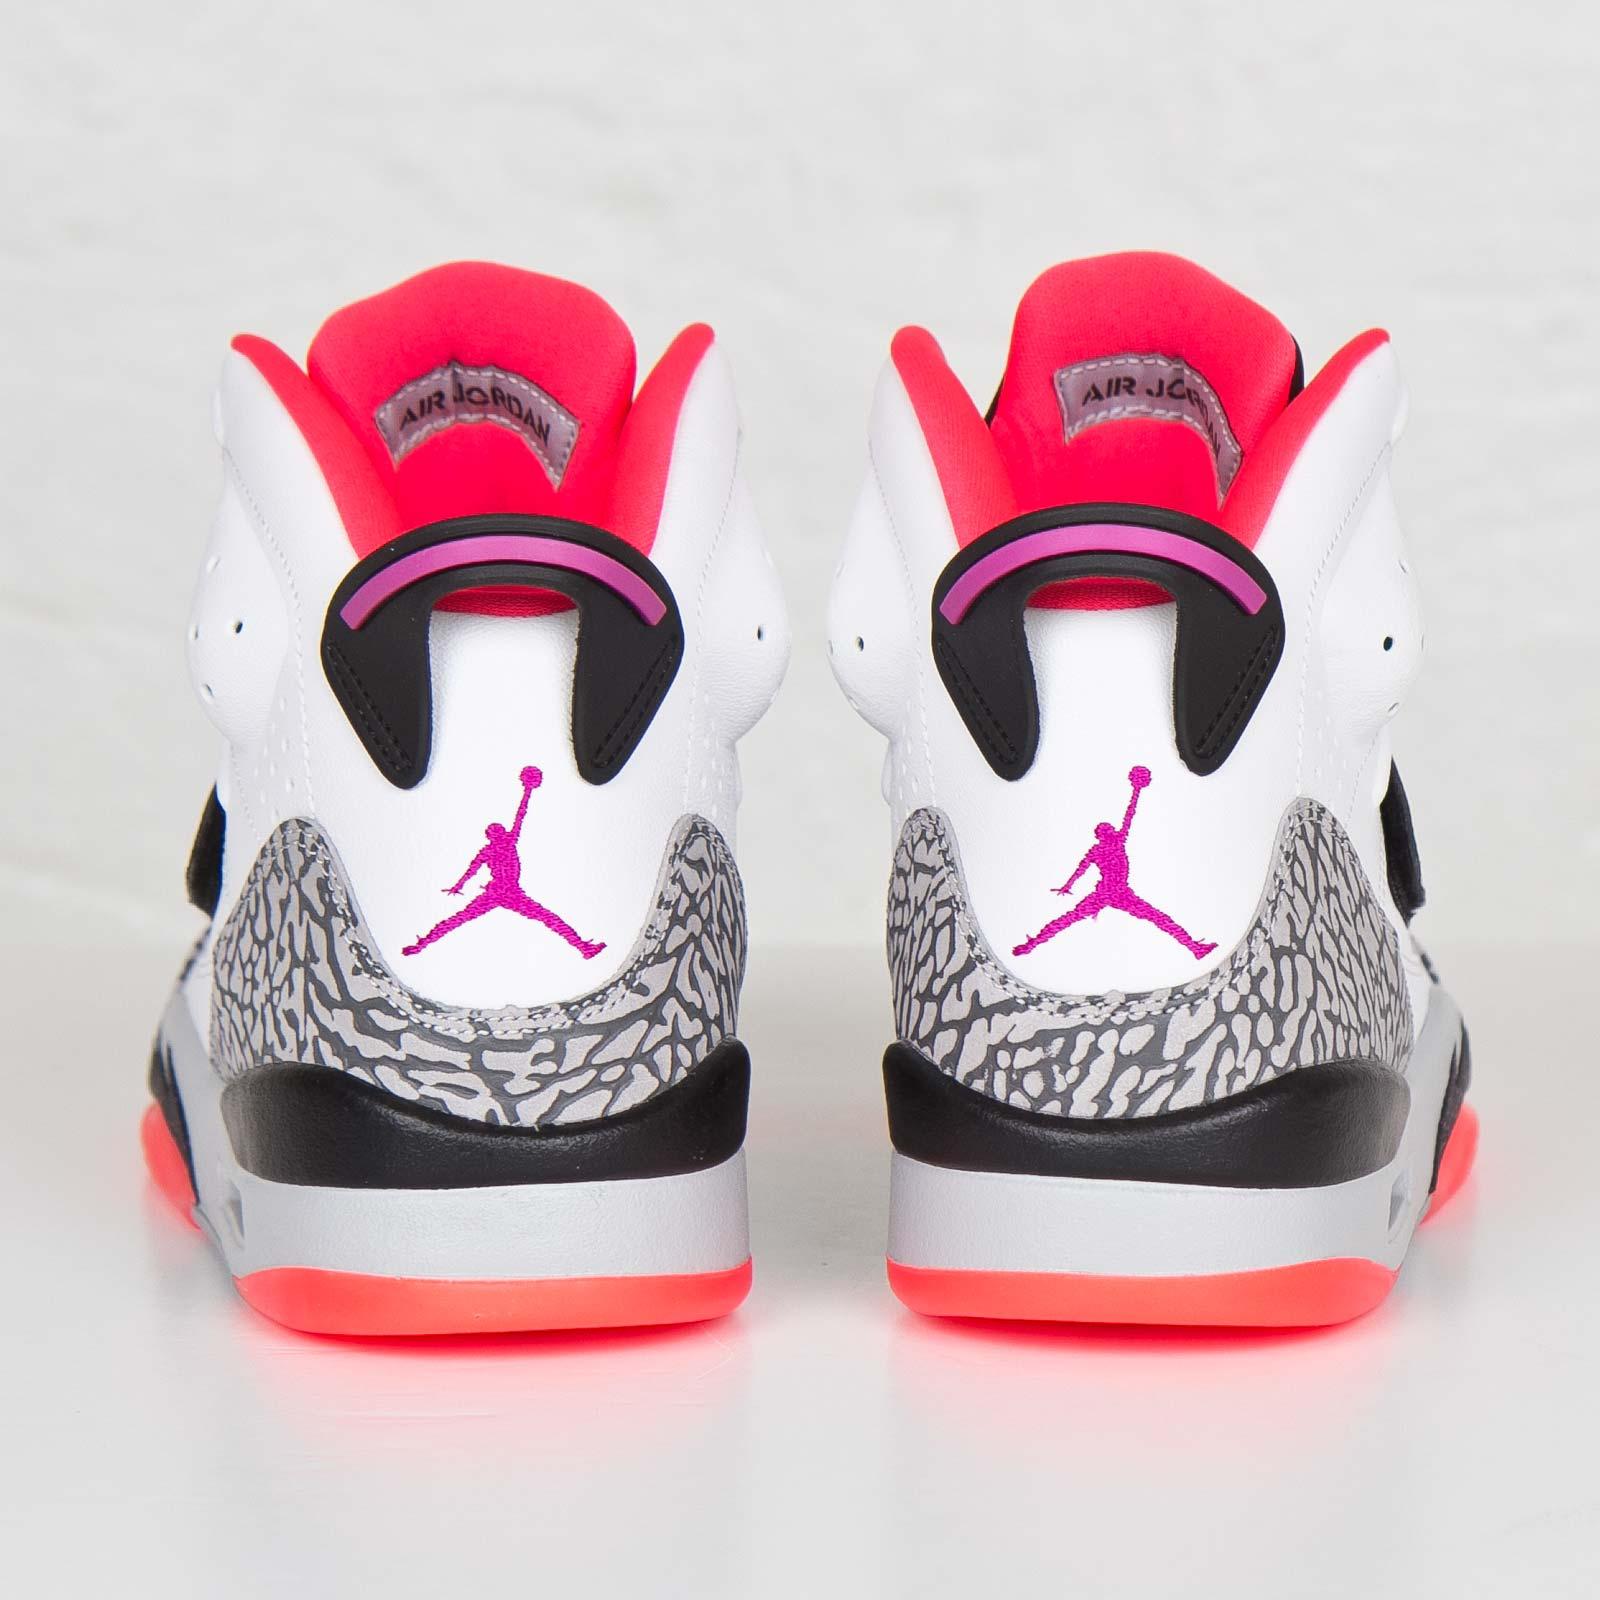 promo code e48bc 41678 Jordan Brand Jordan Son Of - 512245-105 - Sneakersnstuff   sneakers    streetwear online since 1999